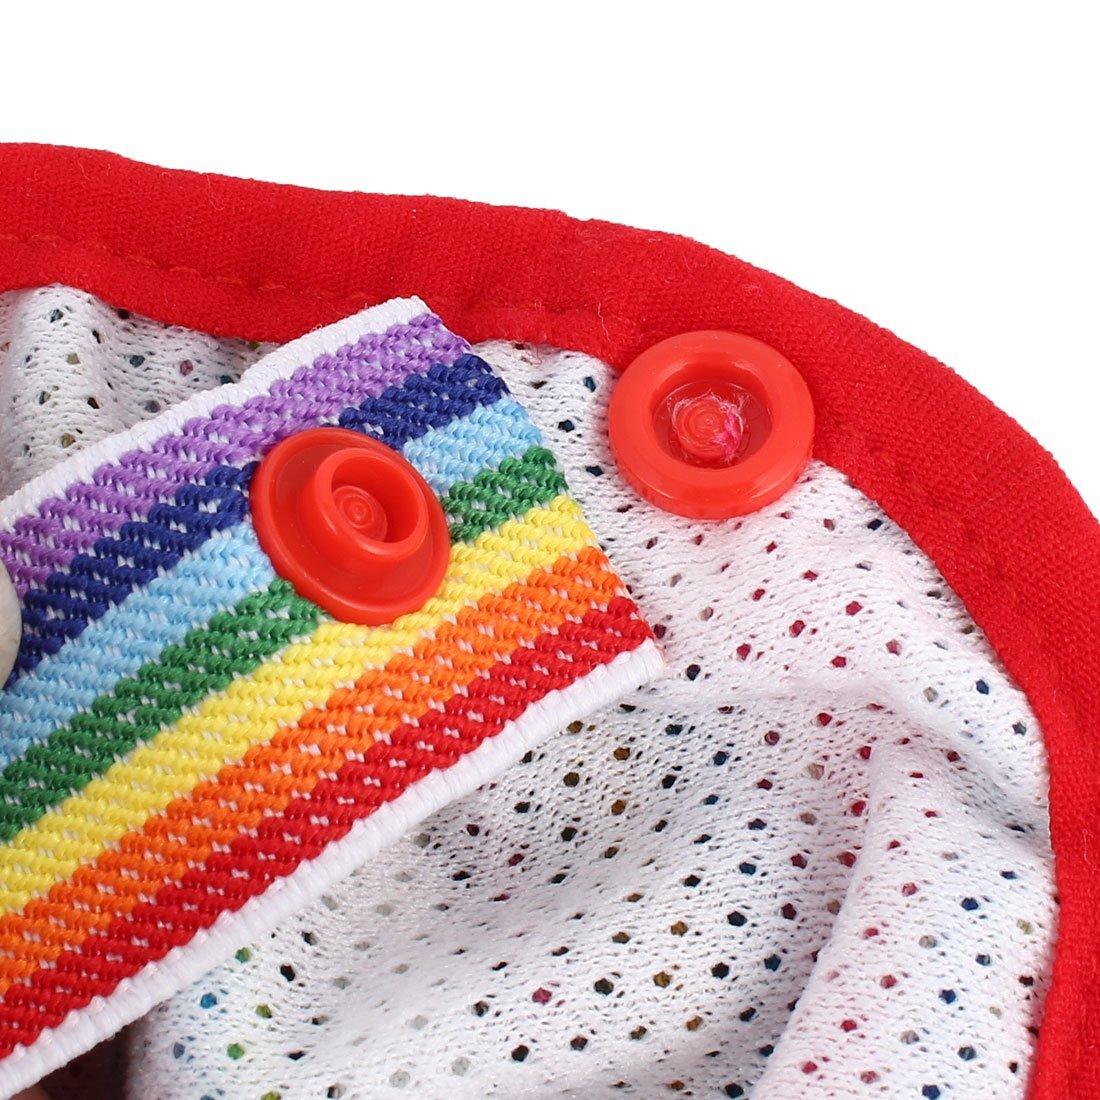 Amazon.com : eDealMax Mezclas de algodón Para mascotas Sanitaria bragas de la ropa Interior Ropa De Perro Perro de pañales Pantalones XL Rojo : Pet Supplies